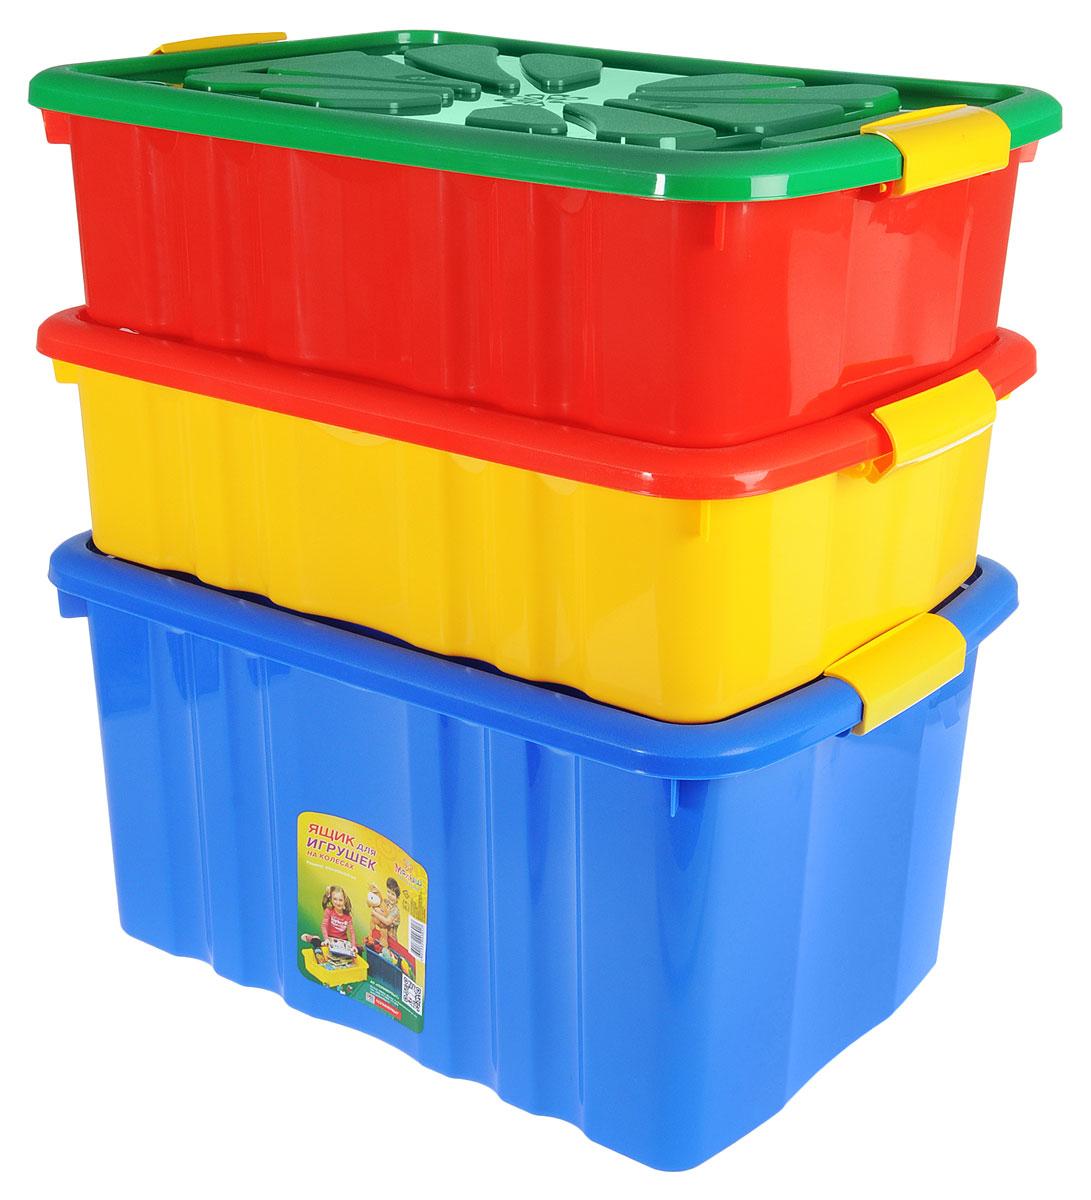 """Набор ящиков для игрушек """"Полимербыт"""", на колесах, с крышками, 3 шт SGHPBKP10"""